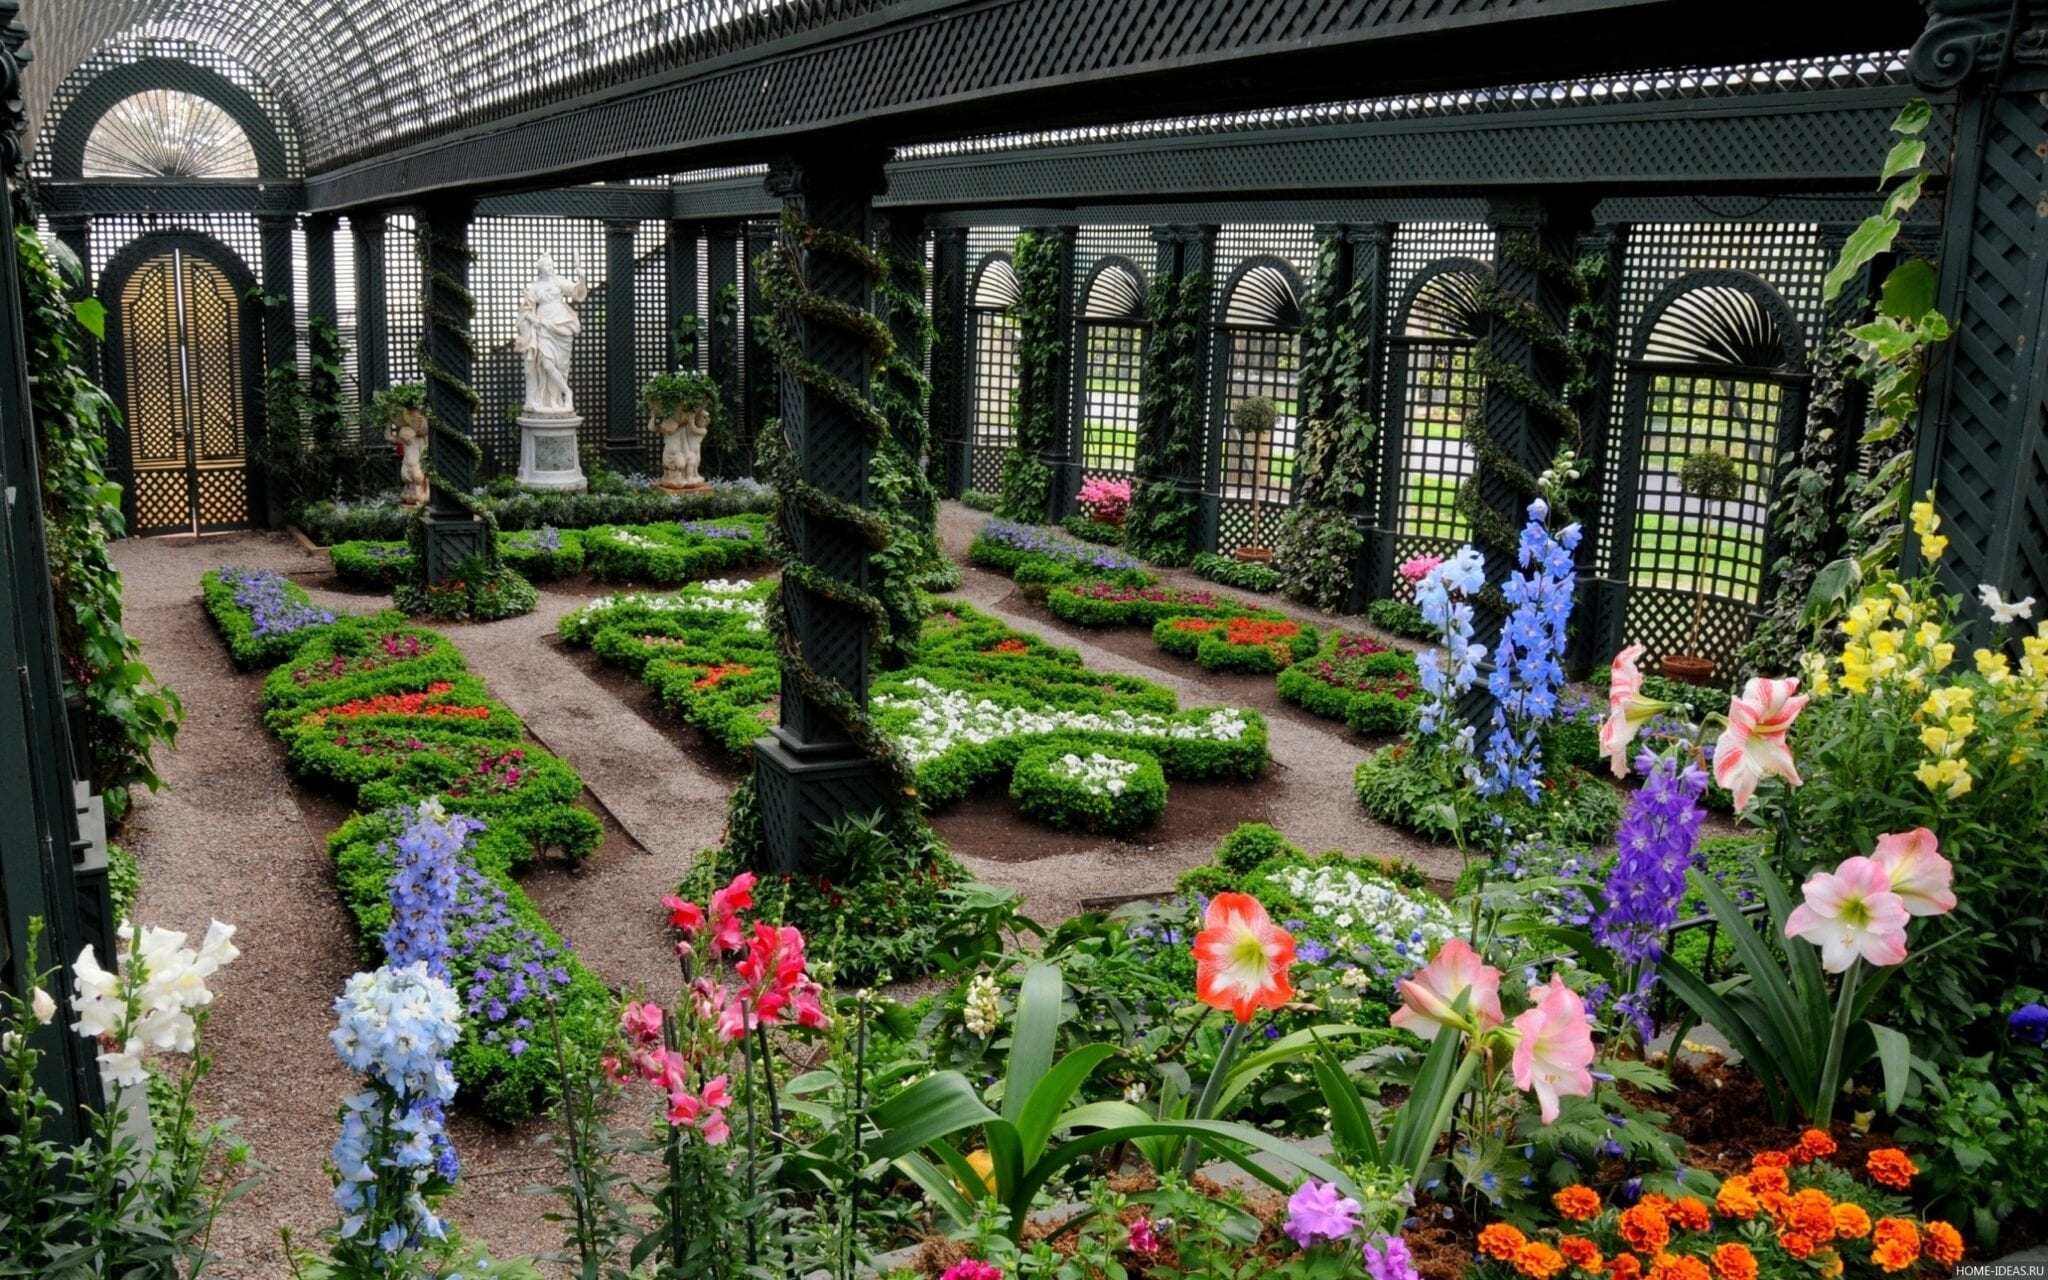 прическа локонами фото дом цветы сад отравления долго проходят